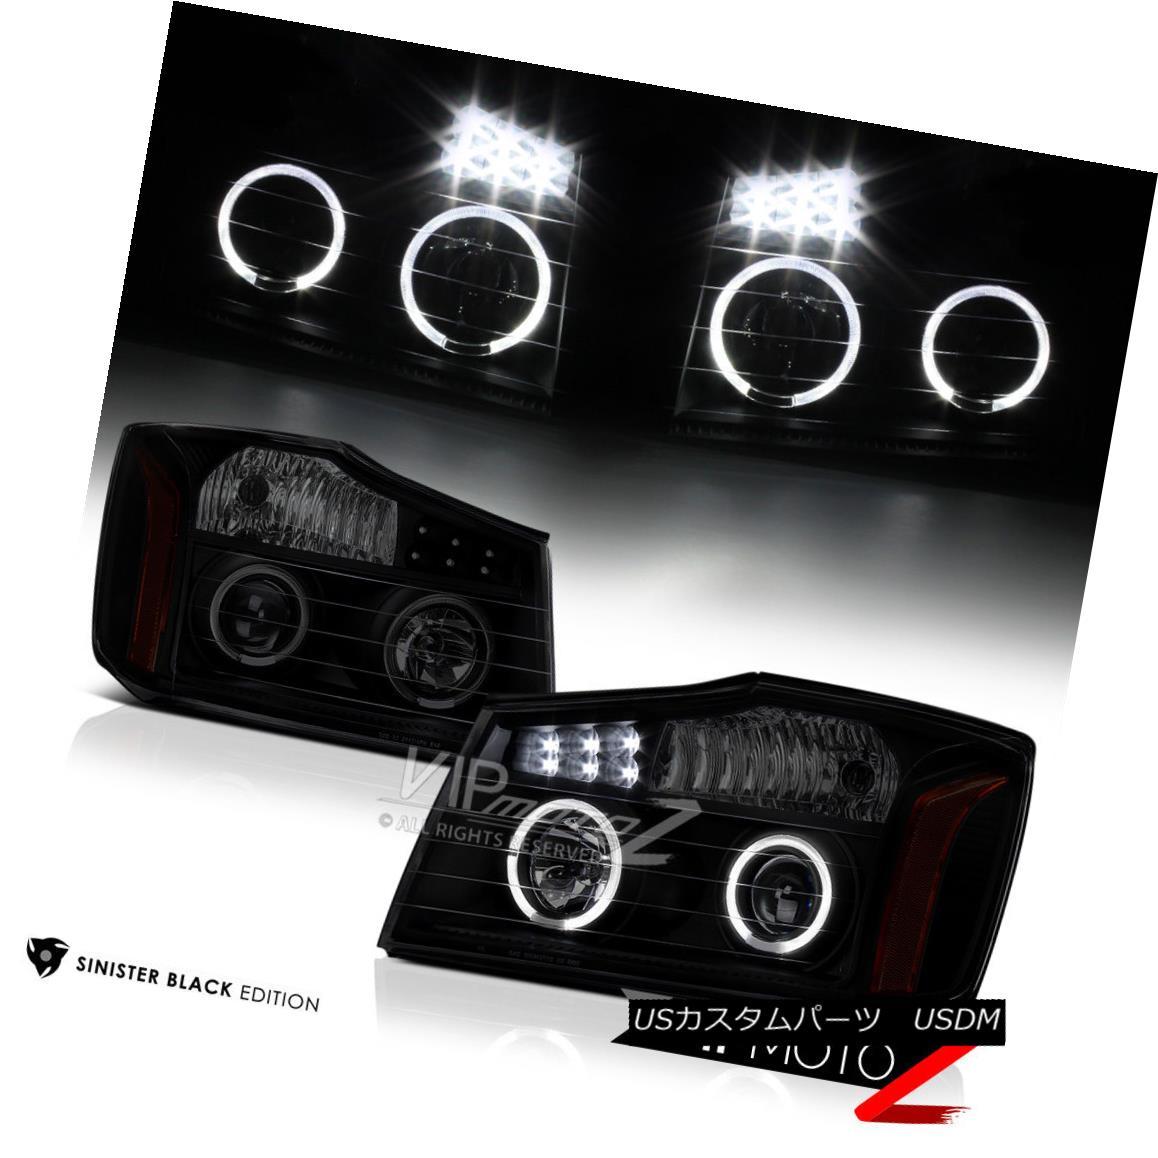 ヘッドライト For 2004-2015 Nissan Titan [SINISTER BLACK] Halo LED Projector Headlights Lamps 2004-2015 Nissan Titan [SINISTER BLACK] Halo LEDプロジェクターヘッドライトランプ